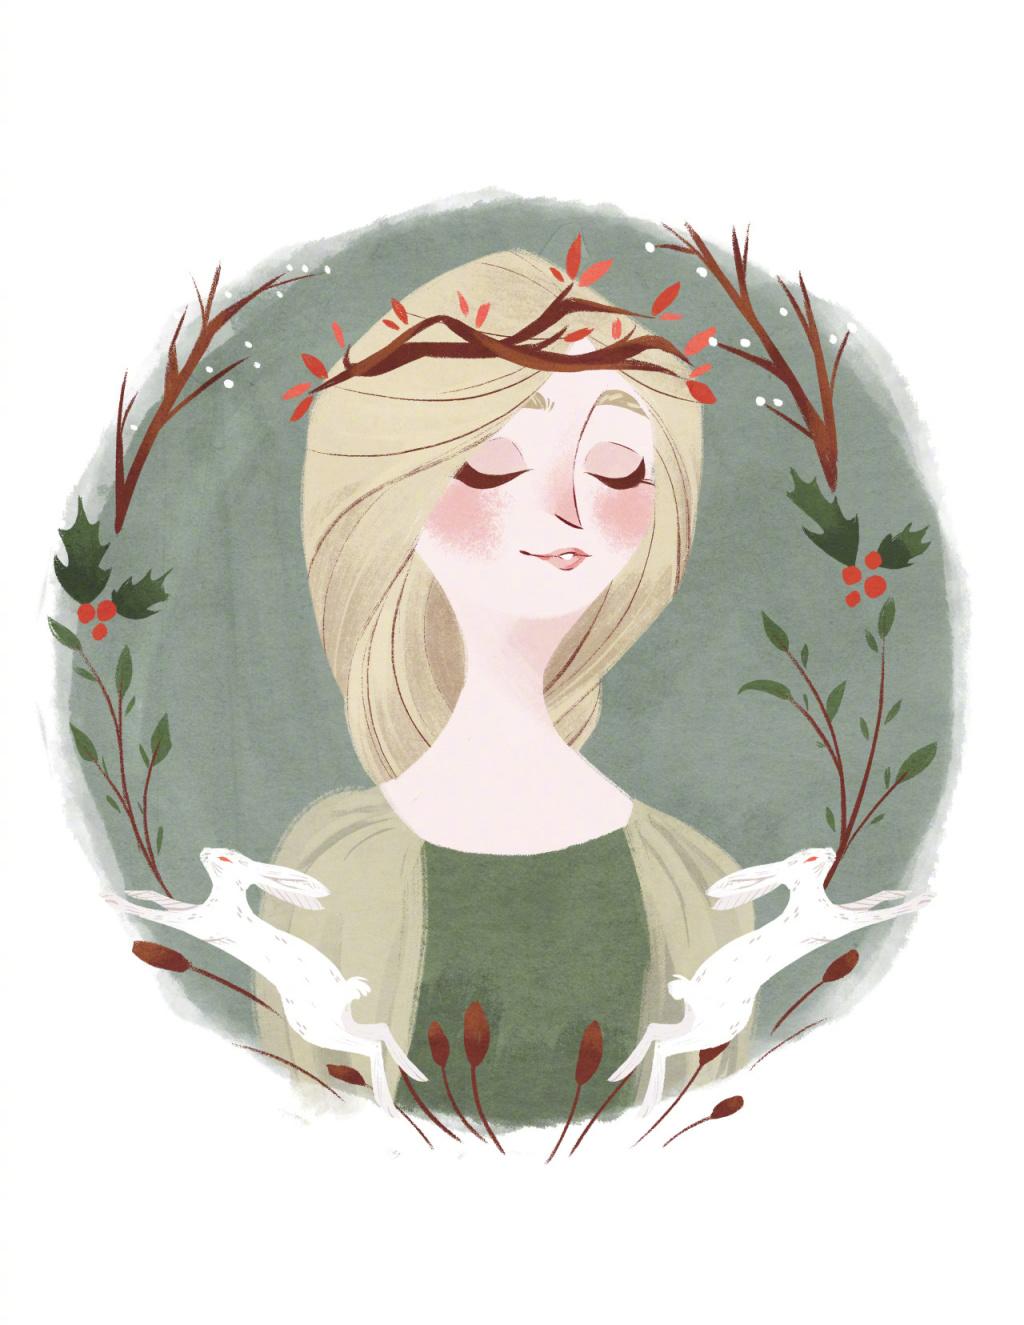 女孩形象插画设计